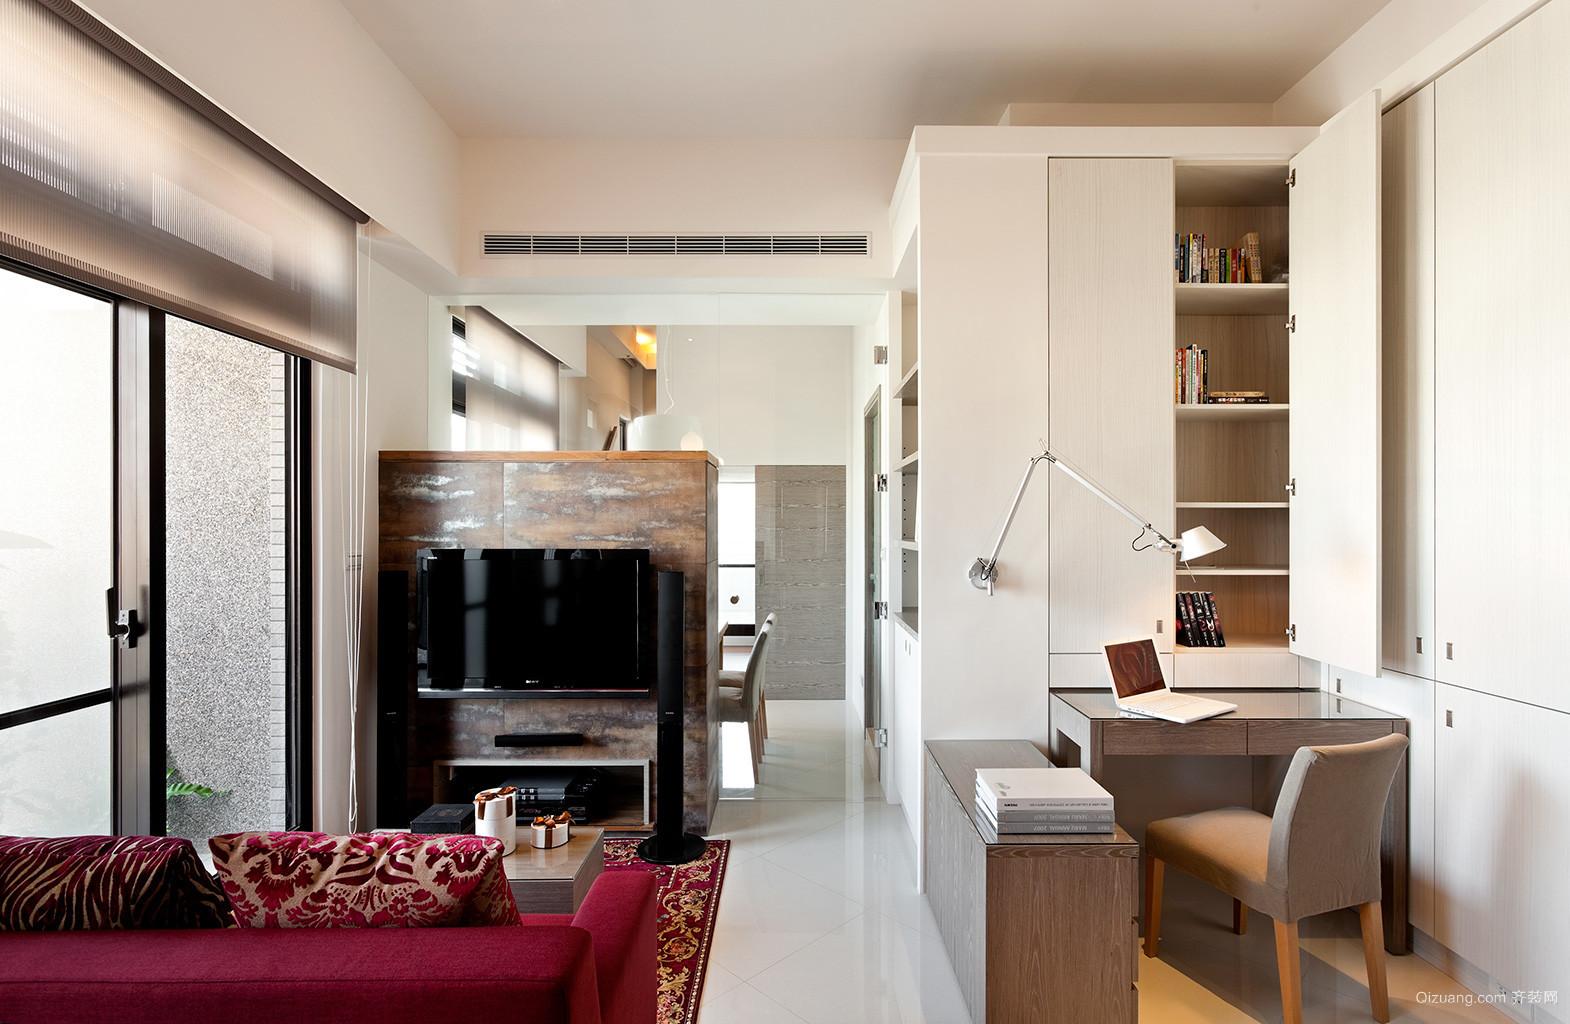 美式乡村风复式楼客厅电视背景墙效果图高清图片